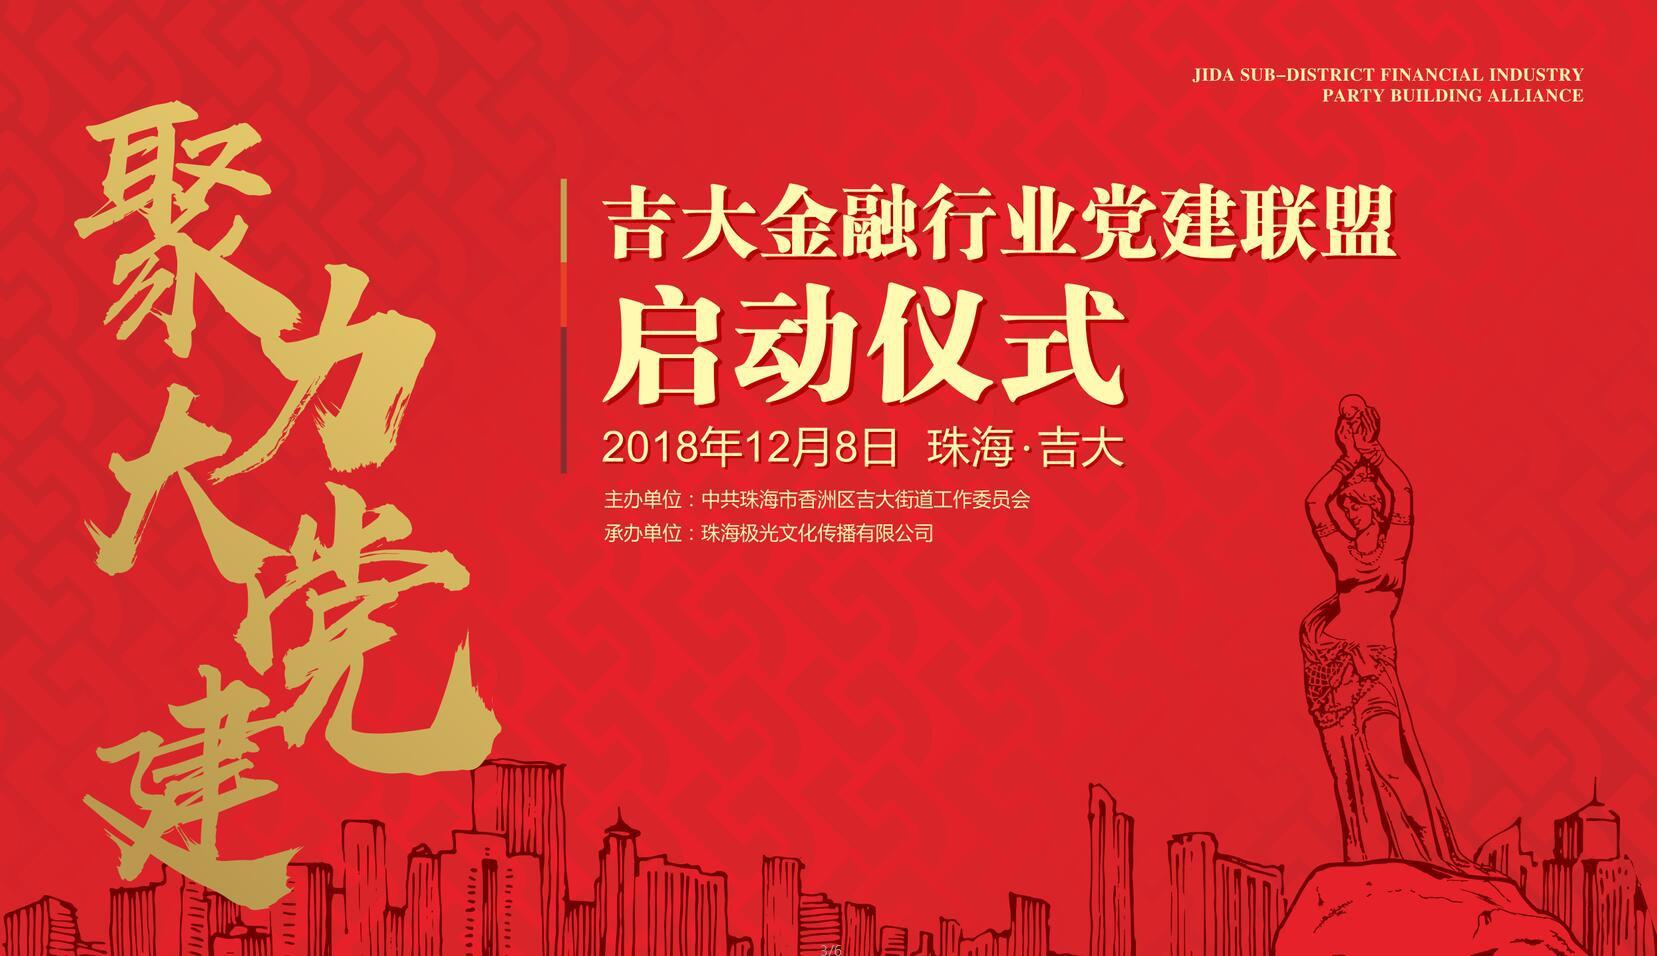 吉大金融行业党建联盟启动仪式